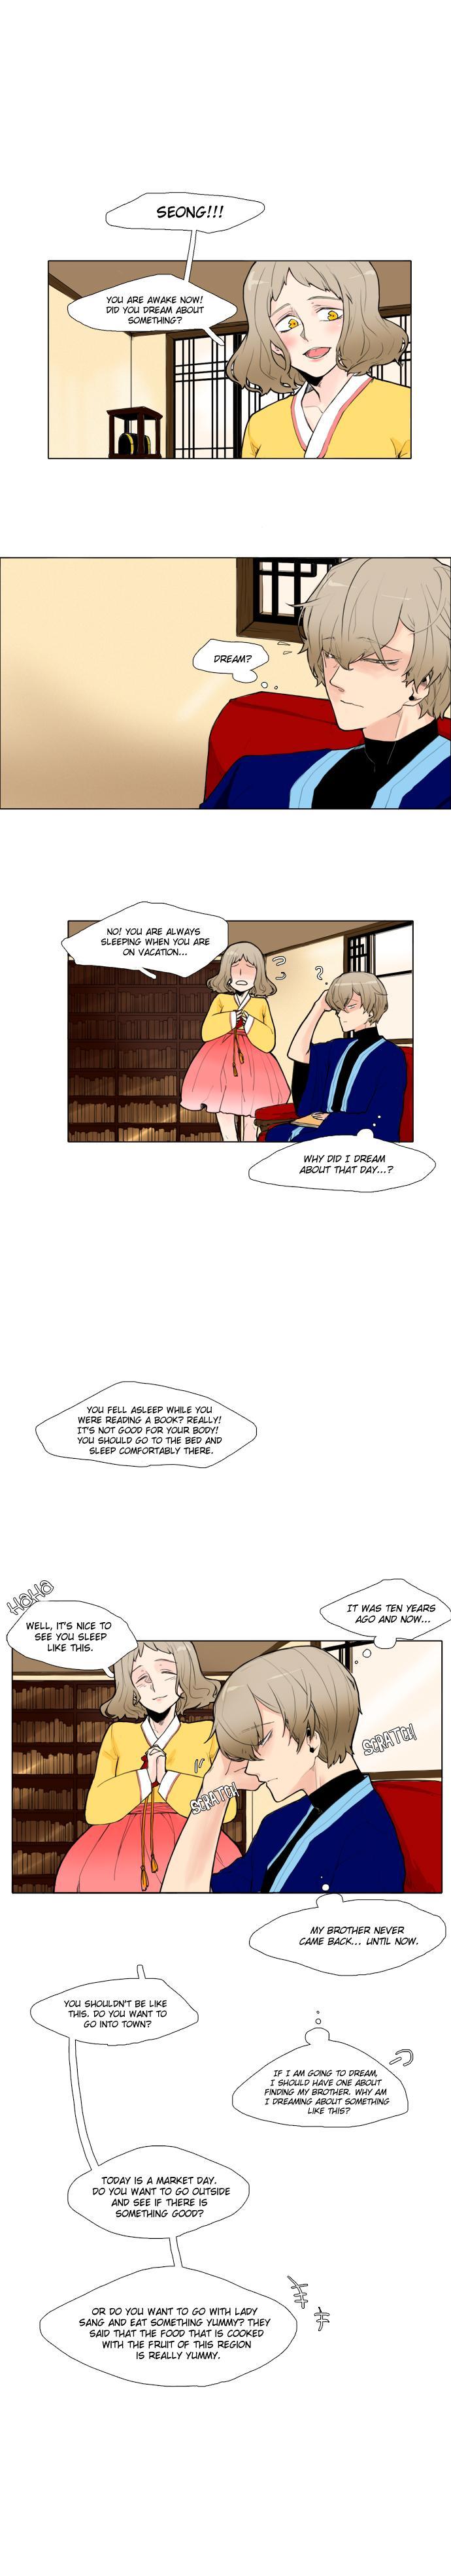 Brilli - Chapter 2